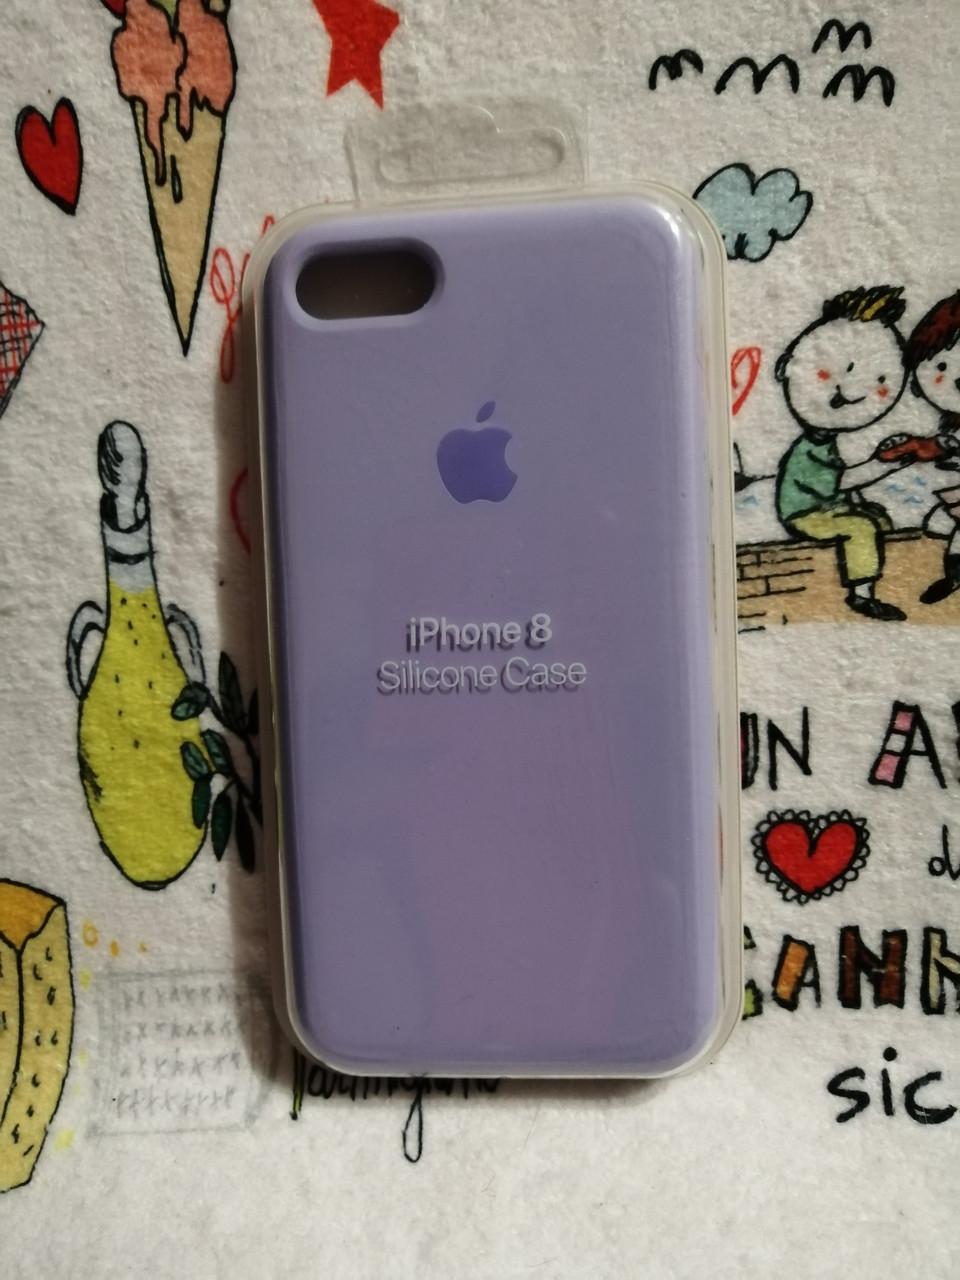 Силиконовый чехолApple Silicone CaseдляiPhone 7 / 8 - Color 29